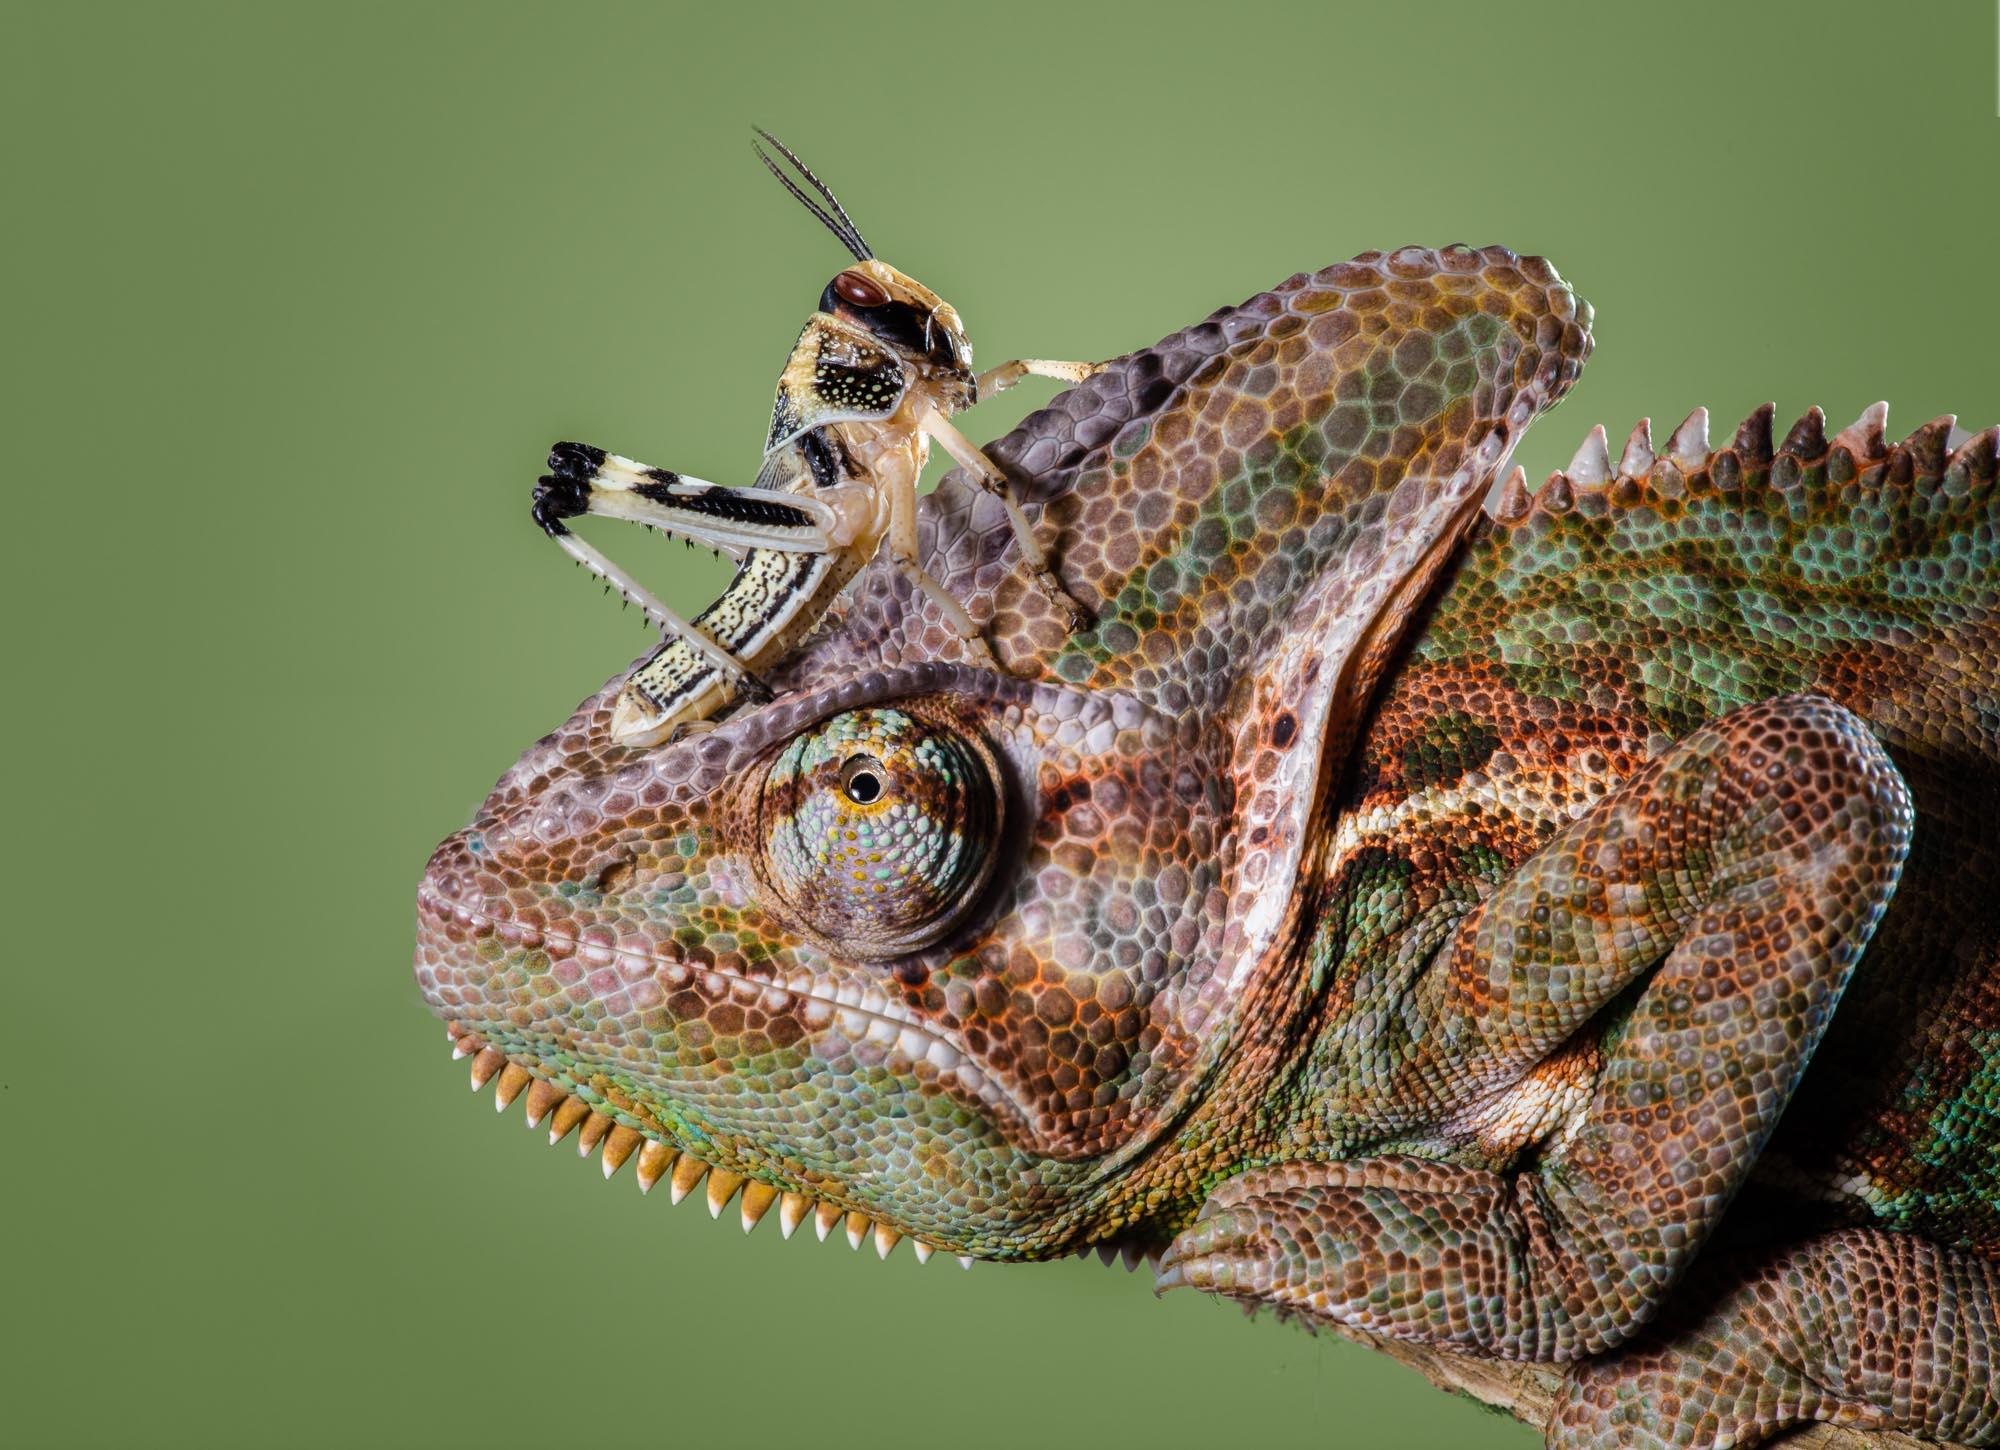 Tim Platt - Chameleon with grass hopper